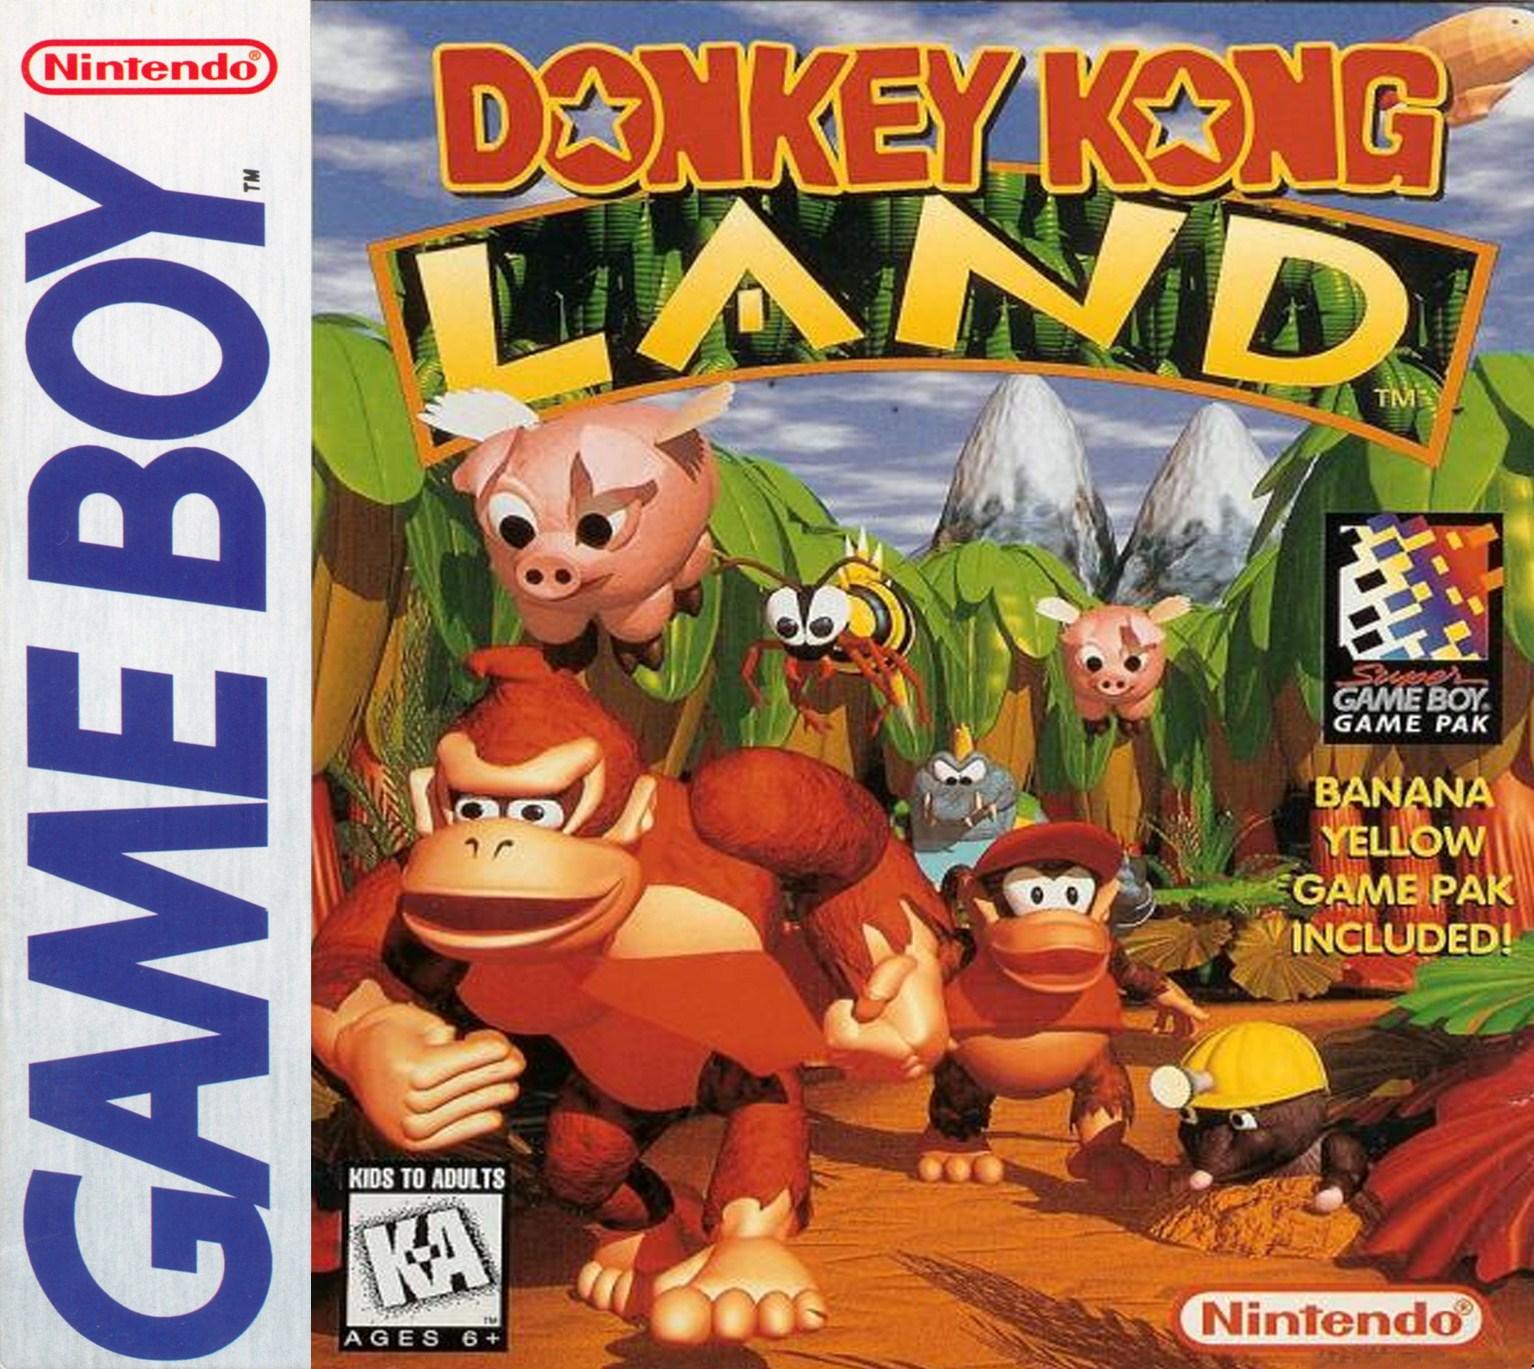 20111204045724!Donkey_Kong_Land_Box_Art.